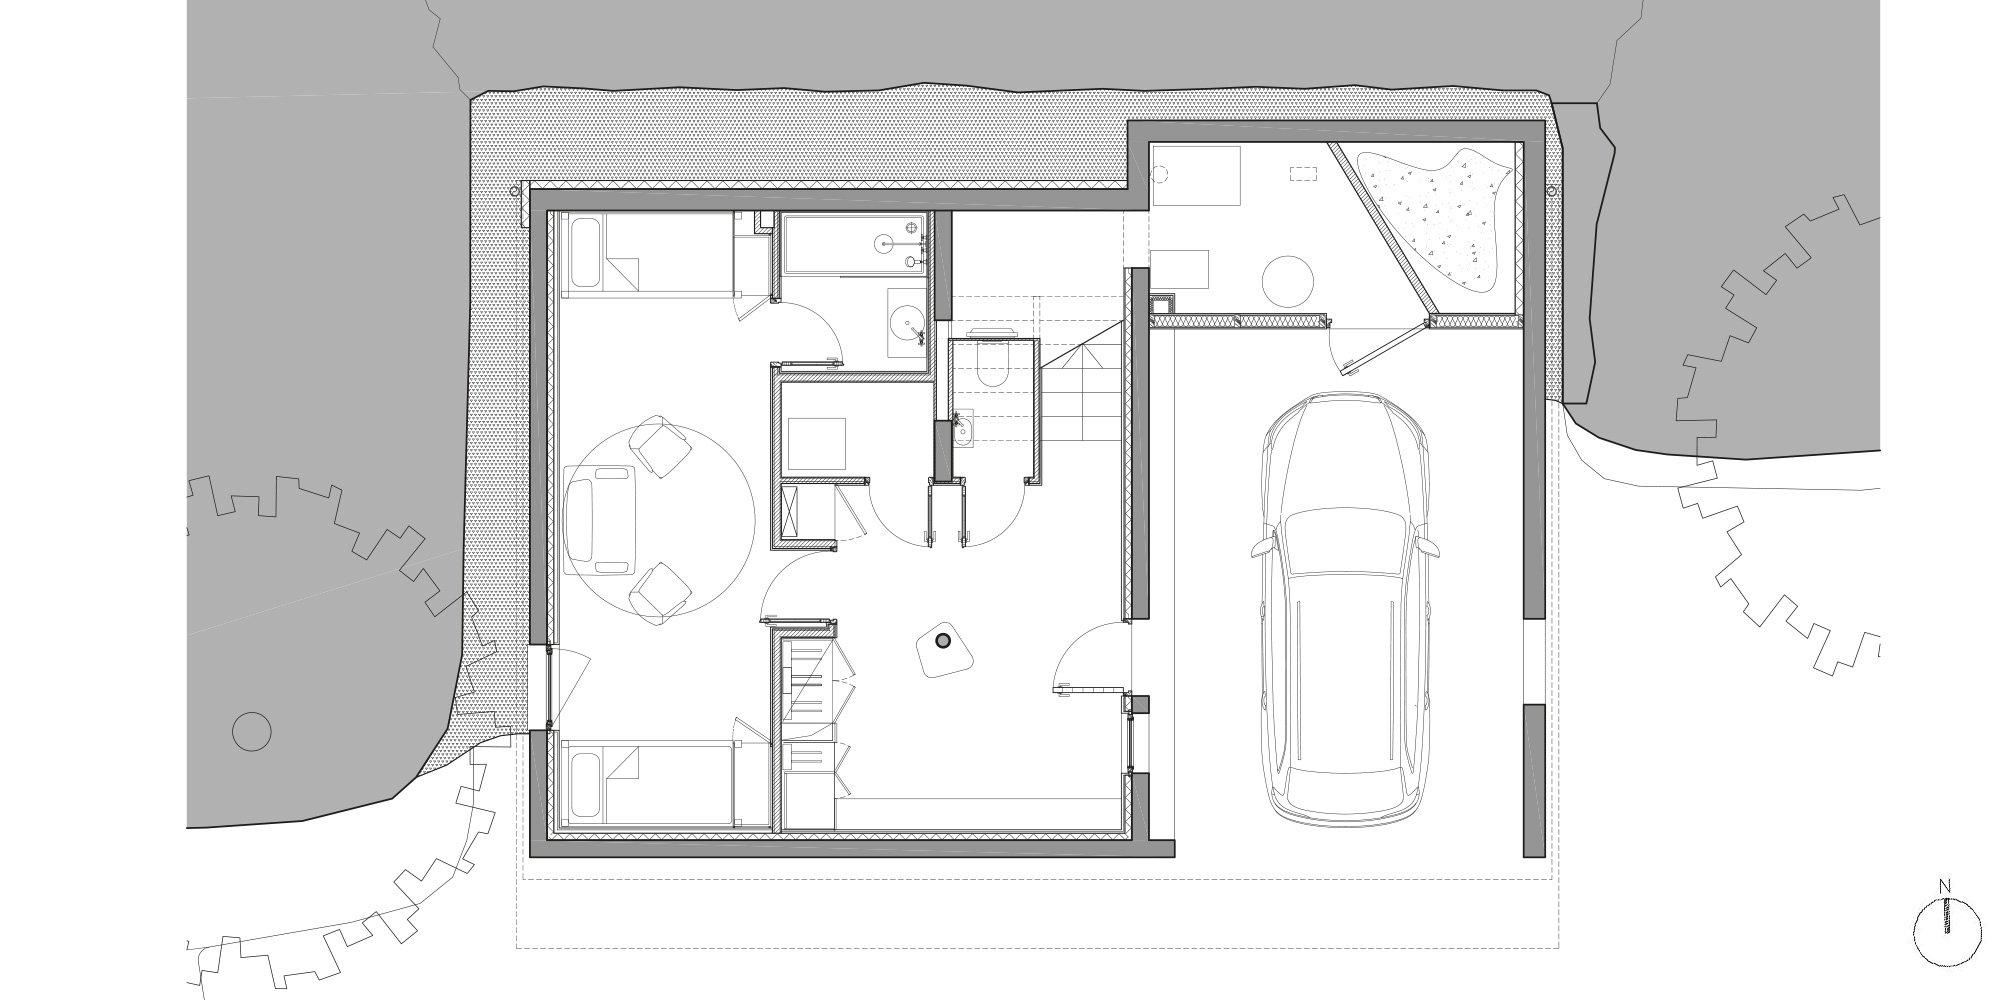 Pianta piano terra © Studio Razavi Architecture